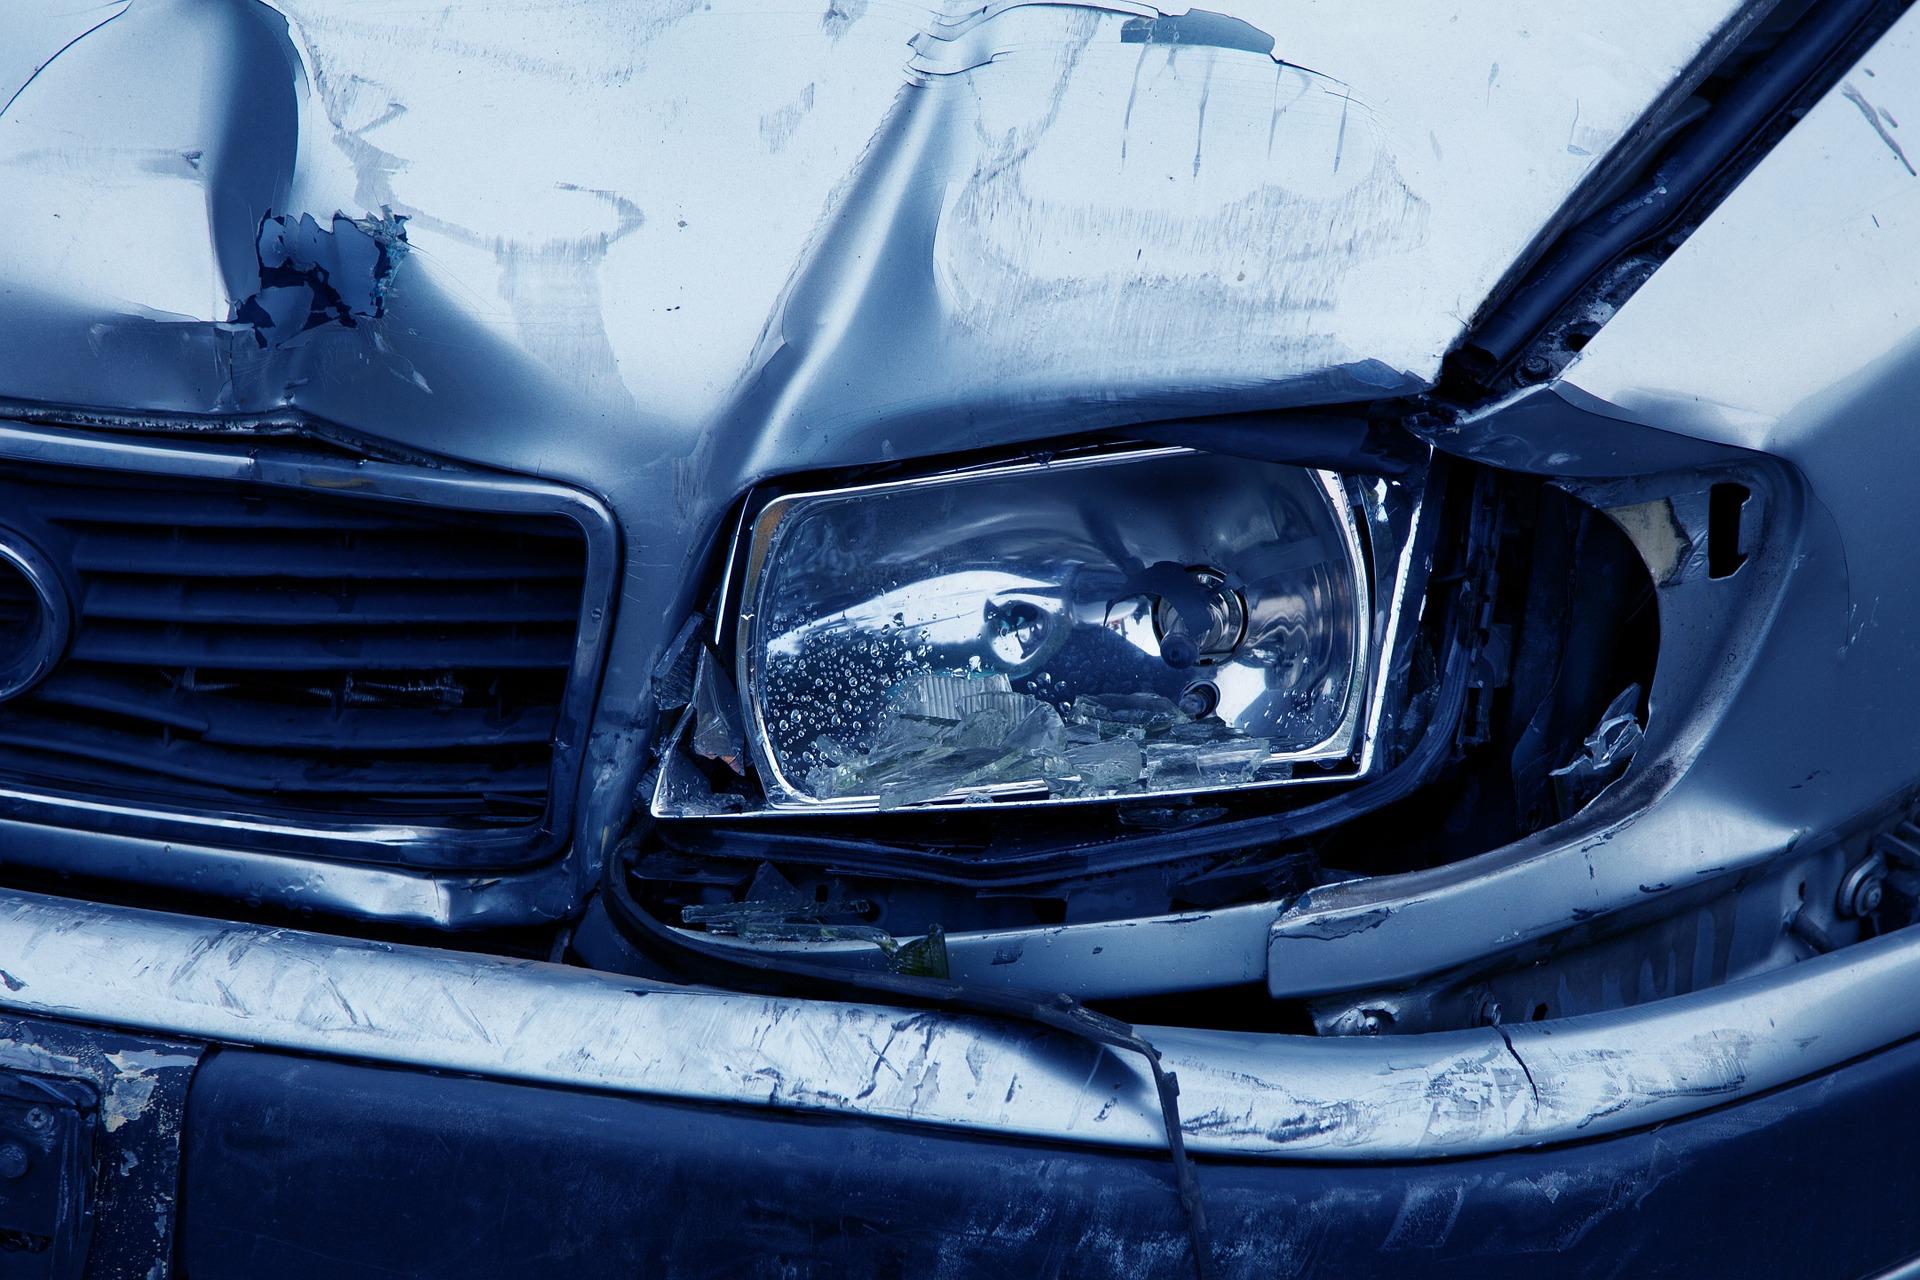 Foto do farol de um carro danificado. Imagem ilustrativa para o texto seguro auto para deficiente físico.